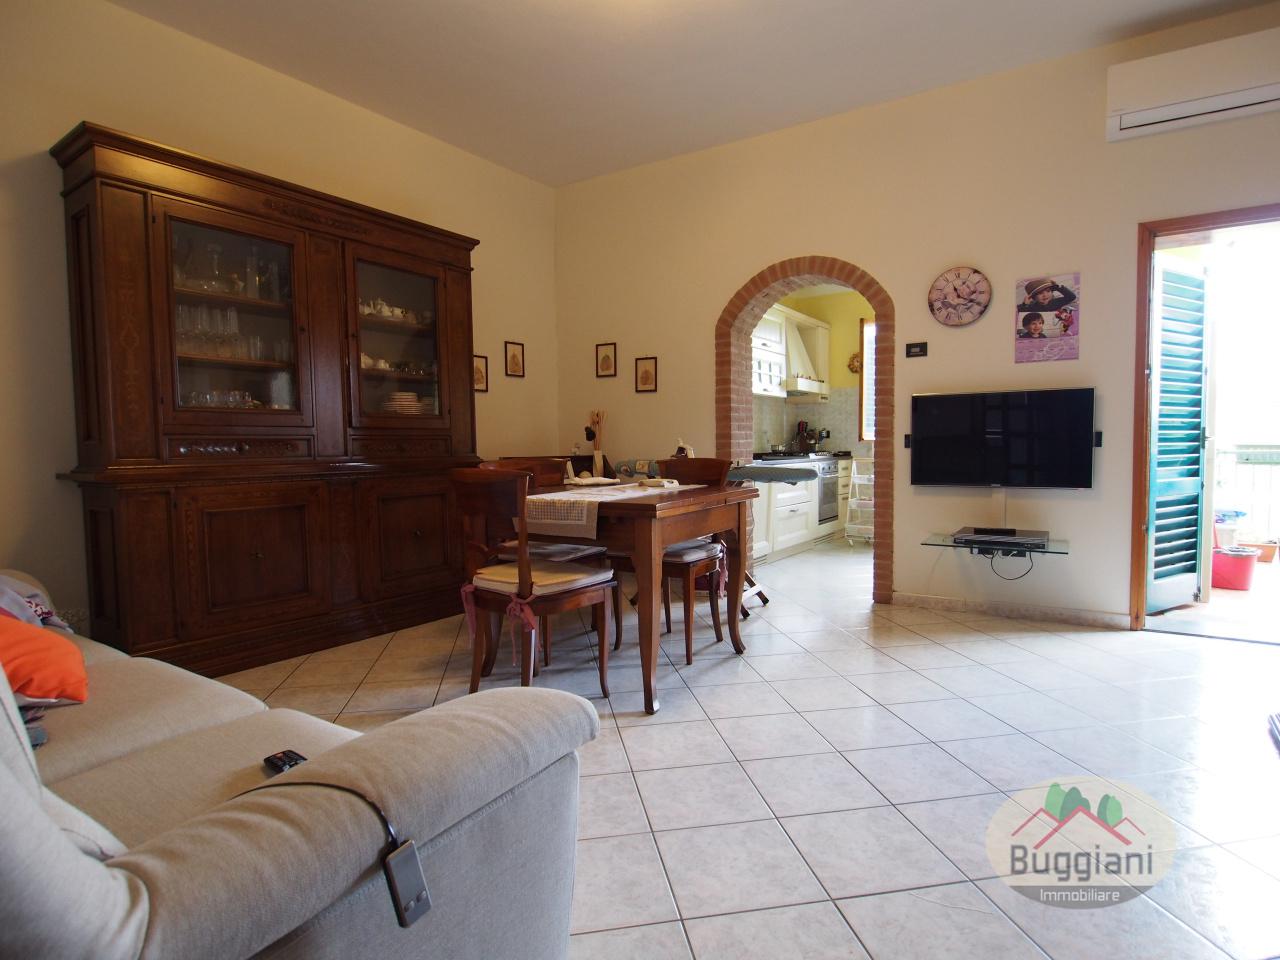 Appartamento in vendita RIF. 1745, San Miniato (PI)